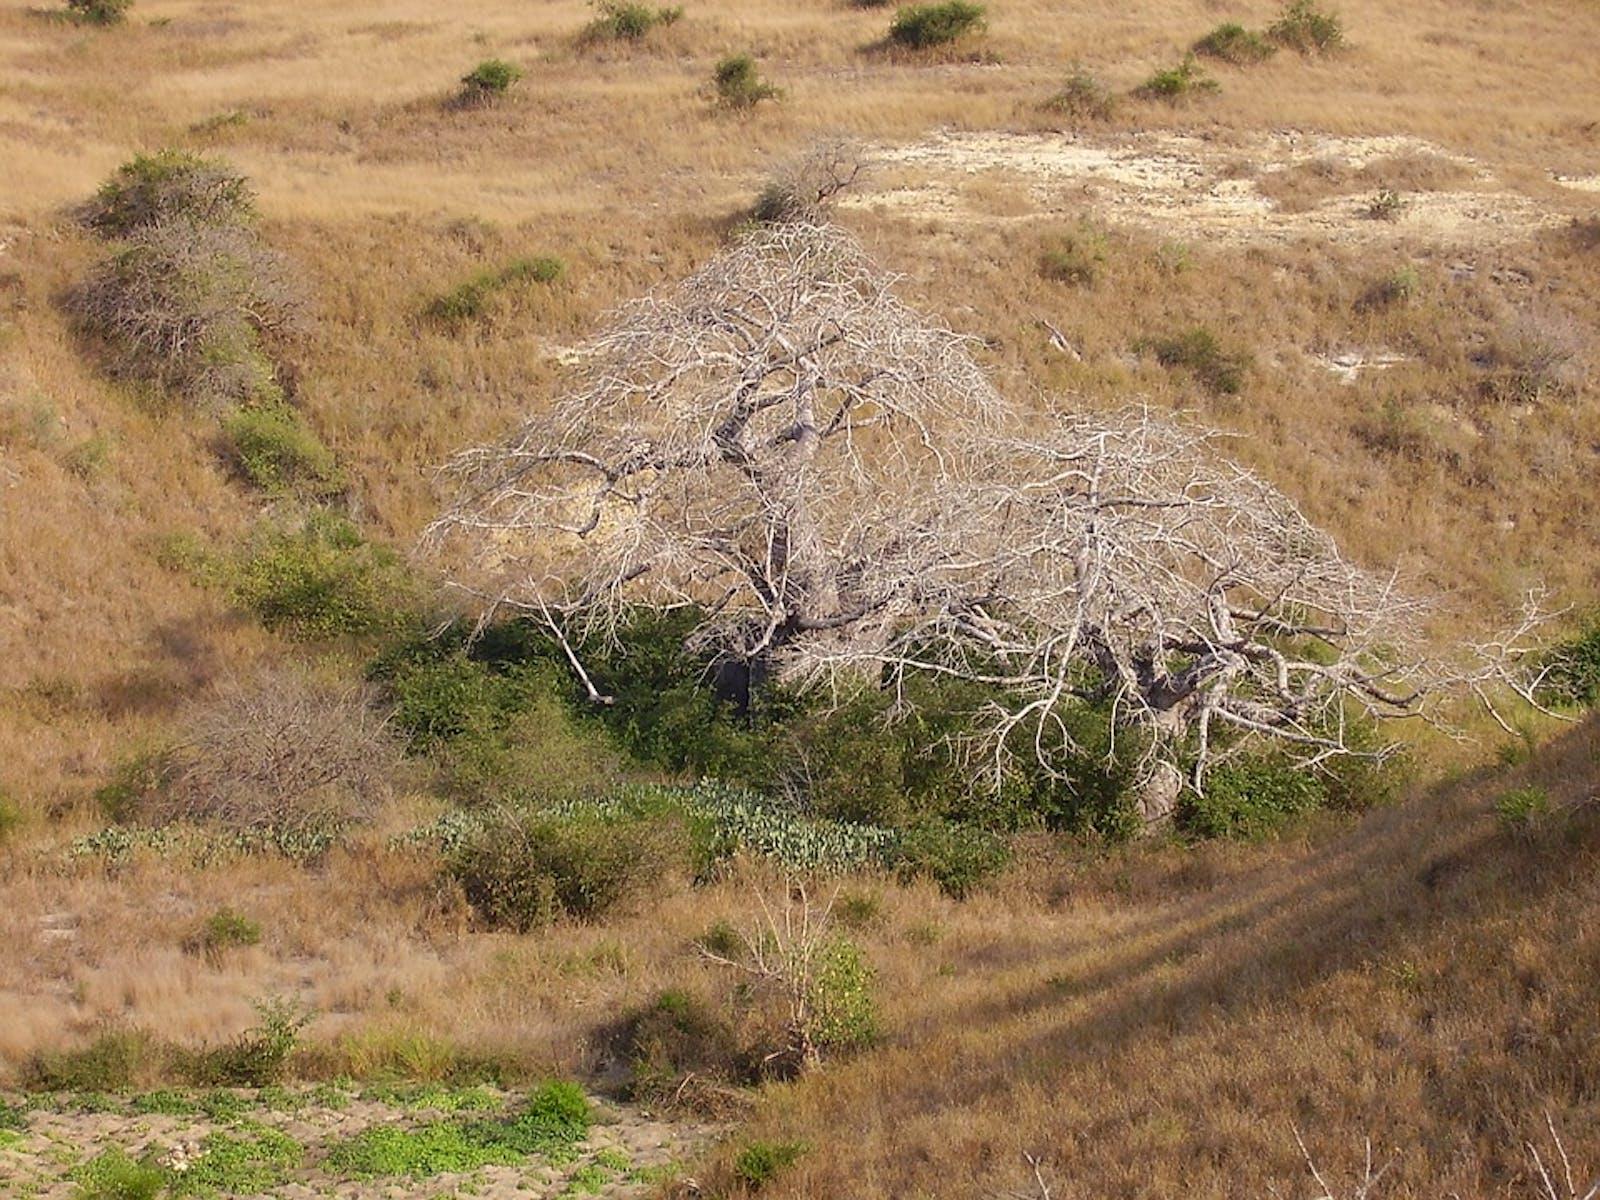 Angolan Scarp Savanna and Woodlands